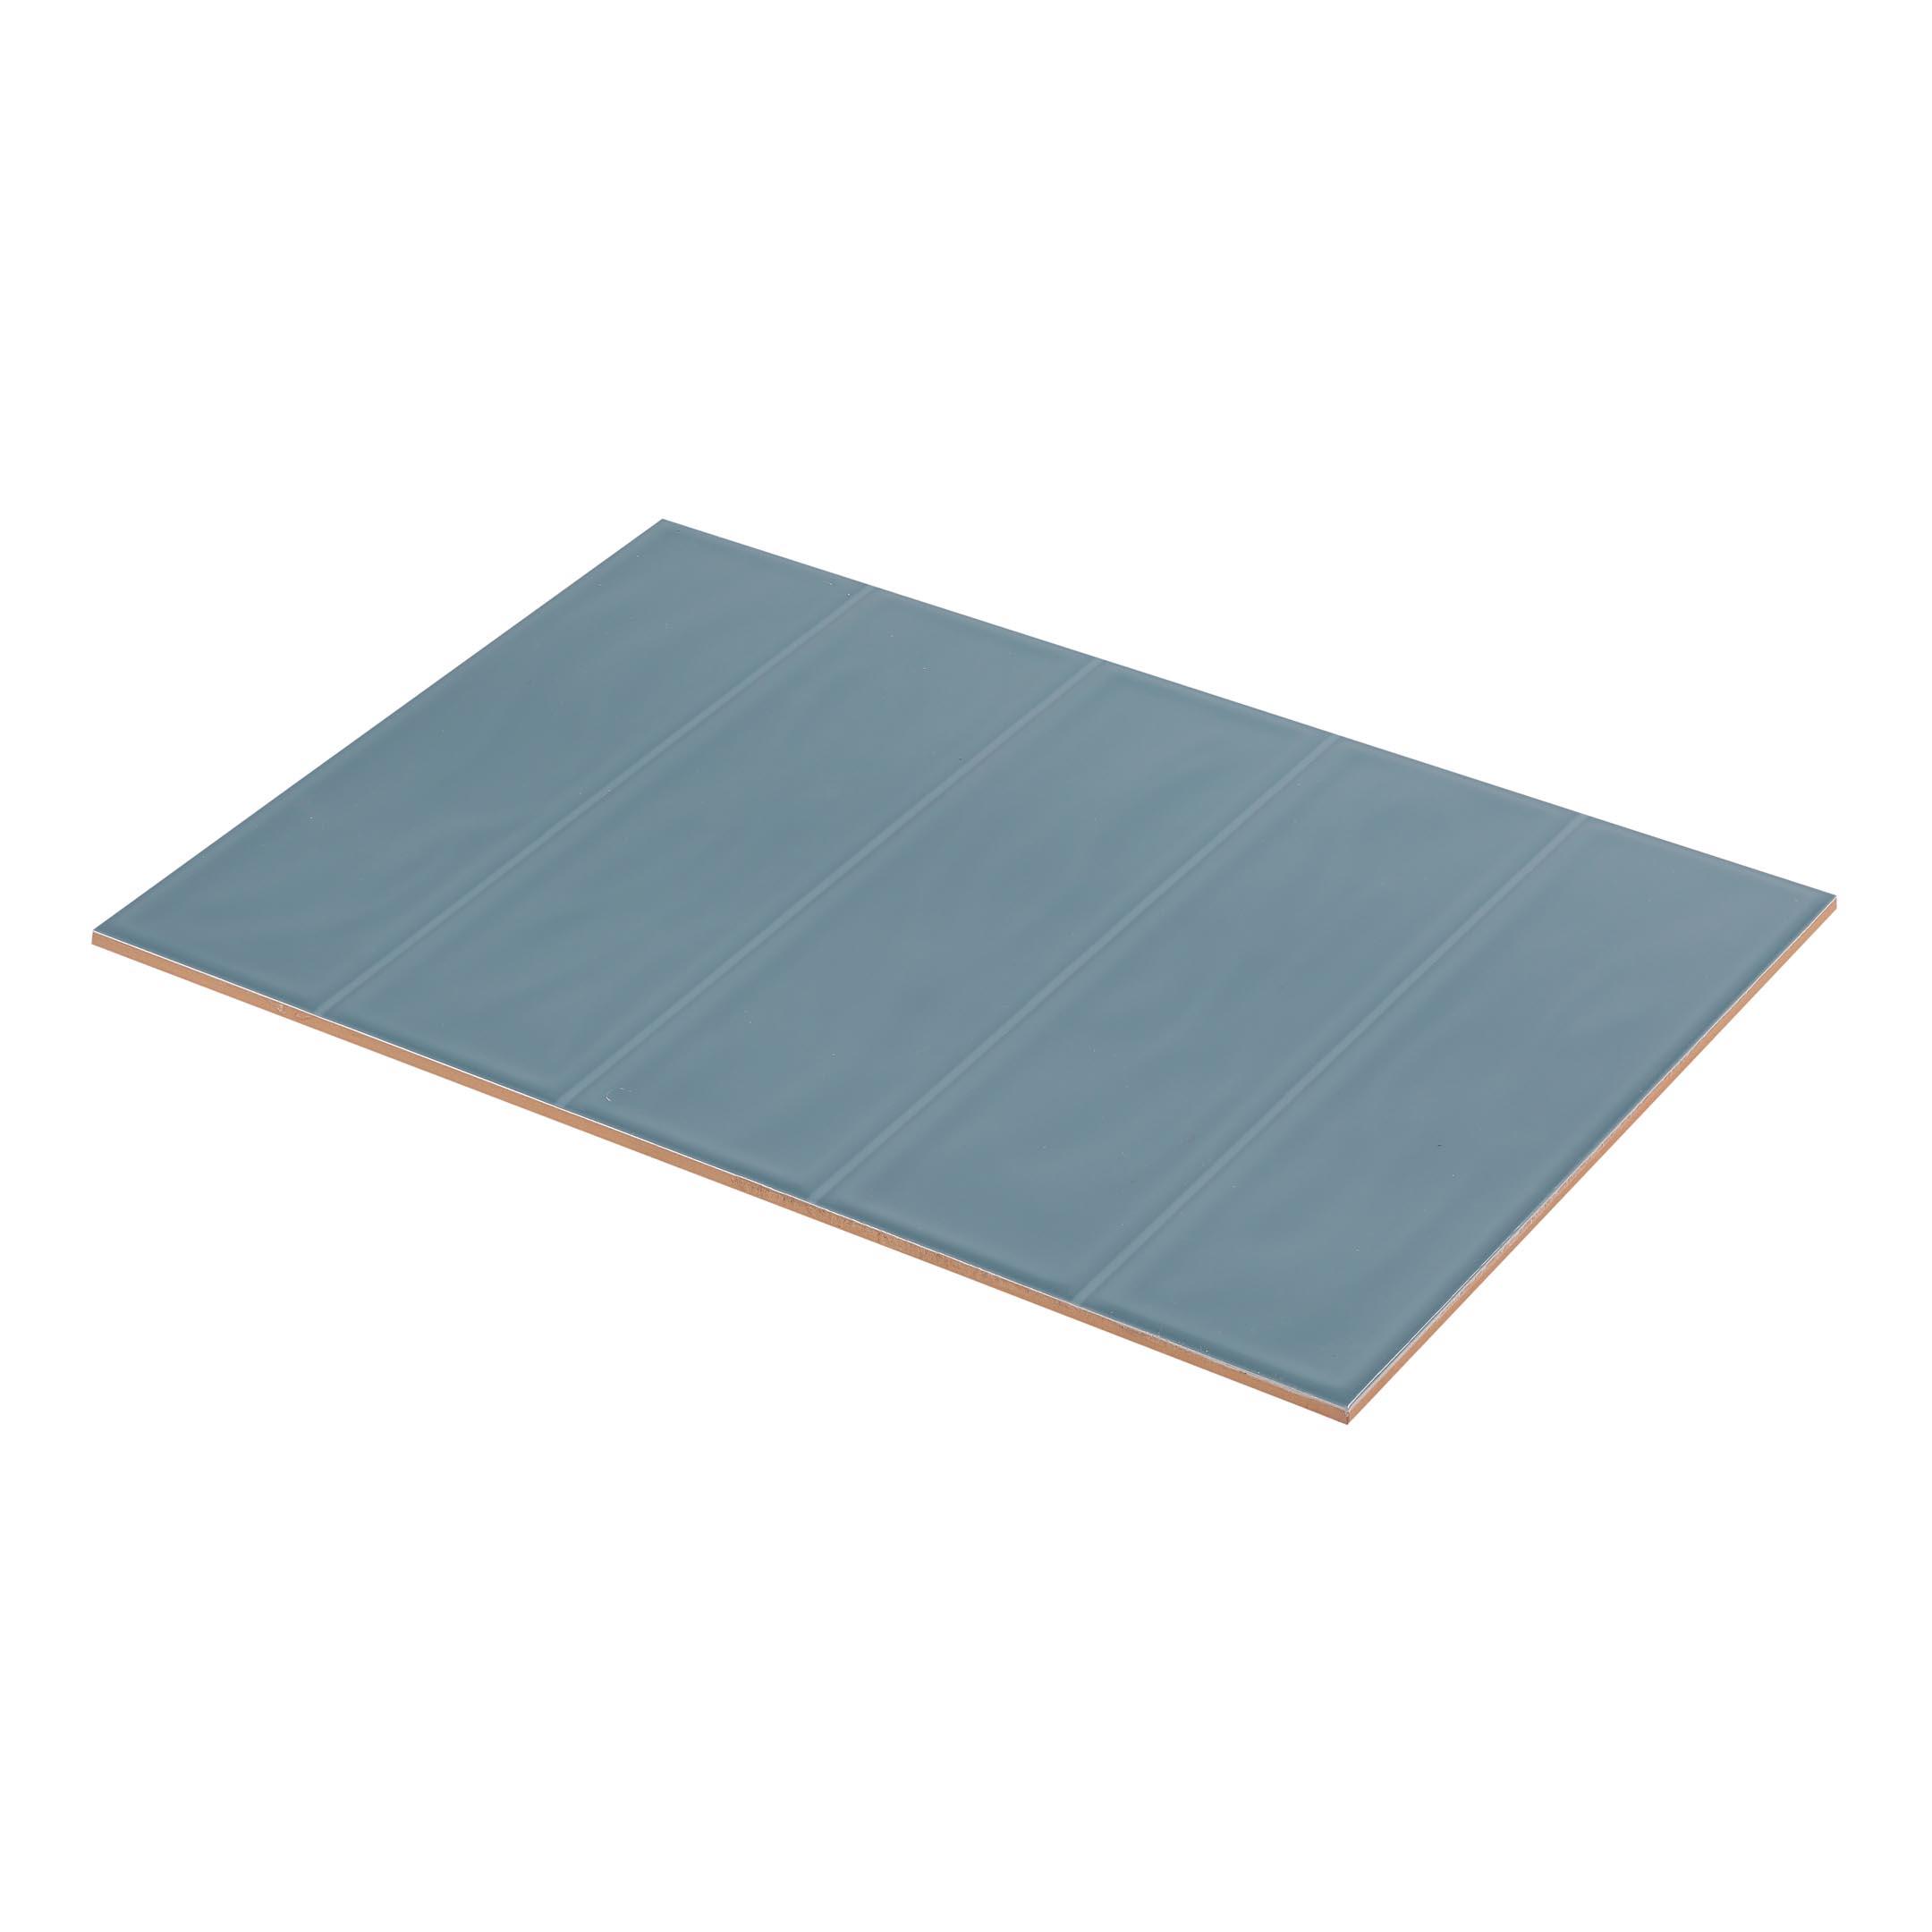 Плитка облицовочная Керамин Метро 2Т синий 275x400x7,5 мм (15 шт.=1,65 кв.м) фото